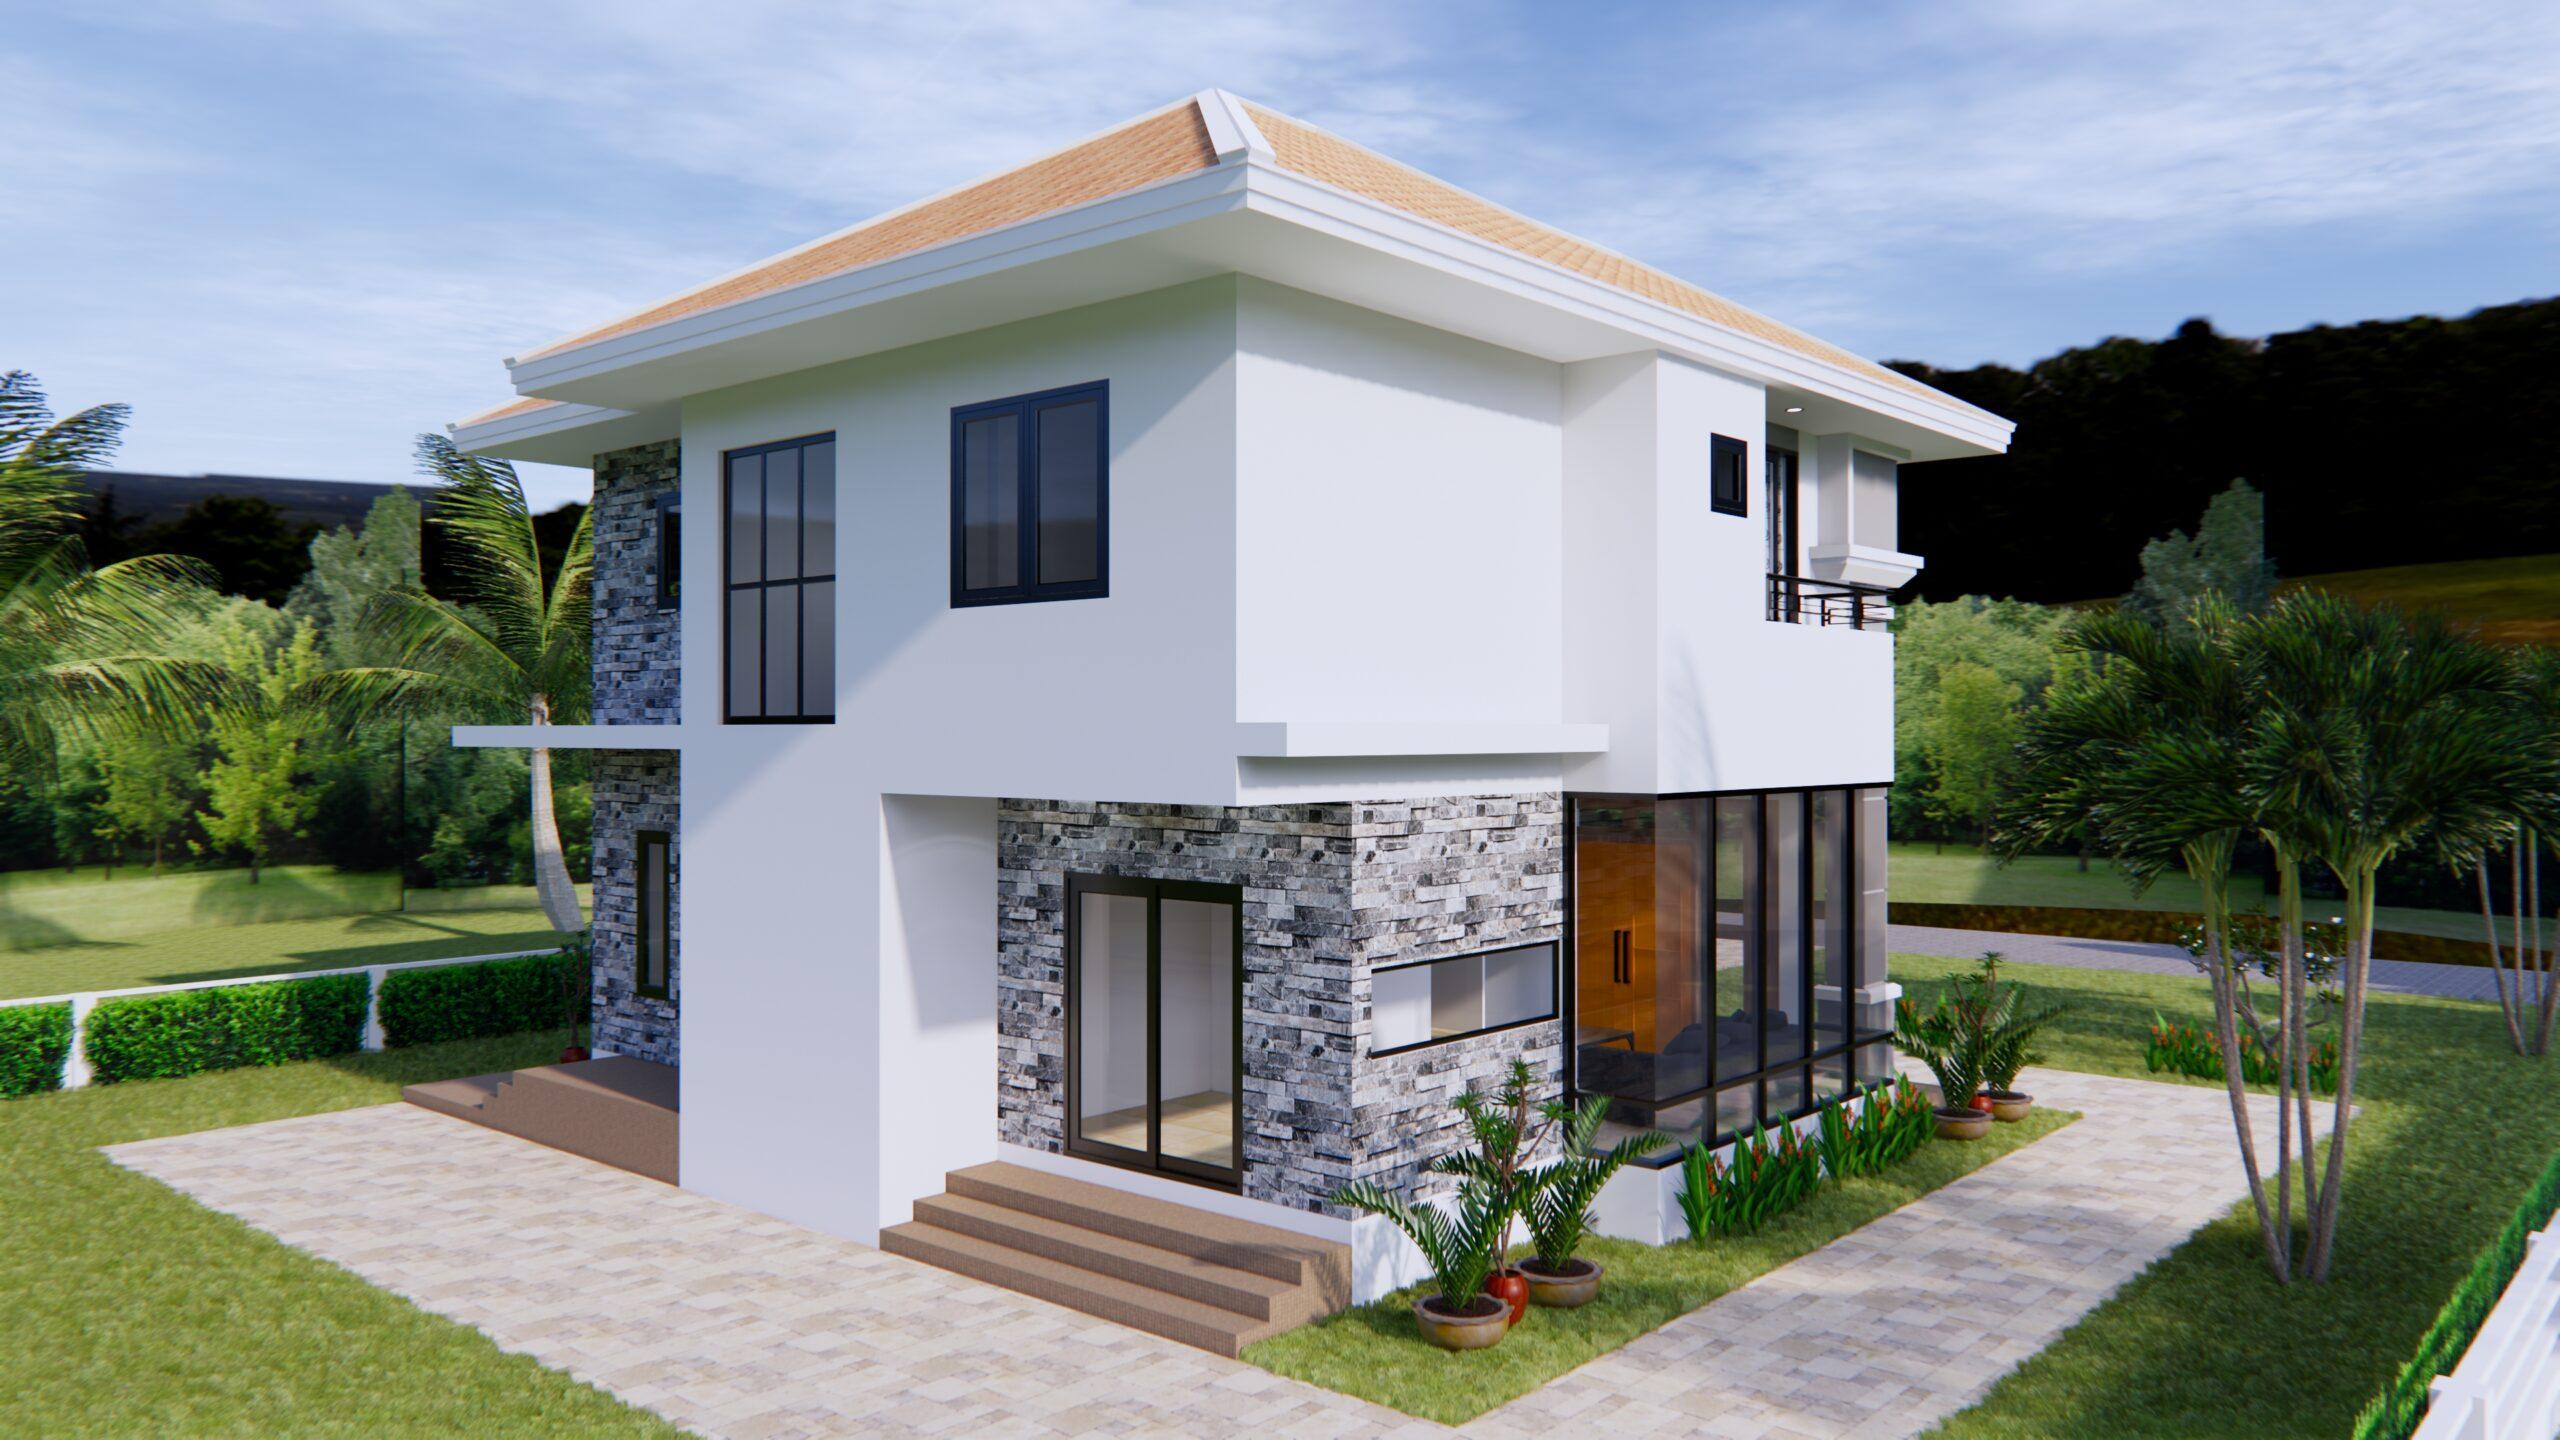 House Plans 11x8 Meter 36x26 Feet 3 Beds 6